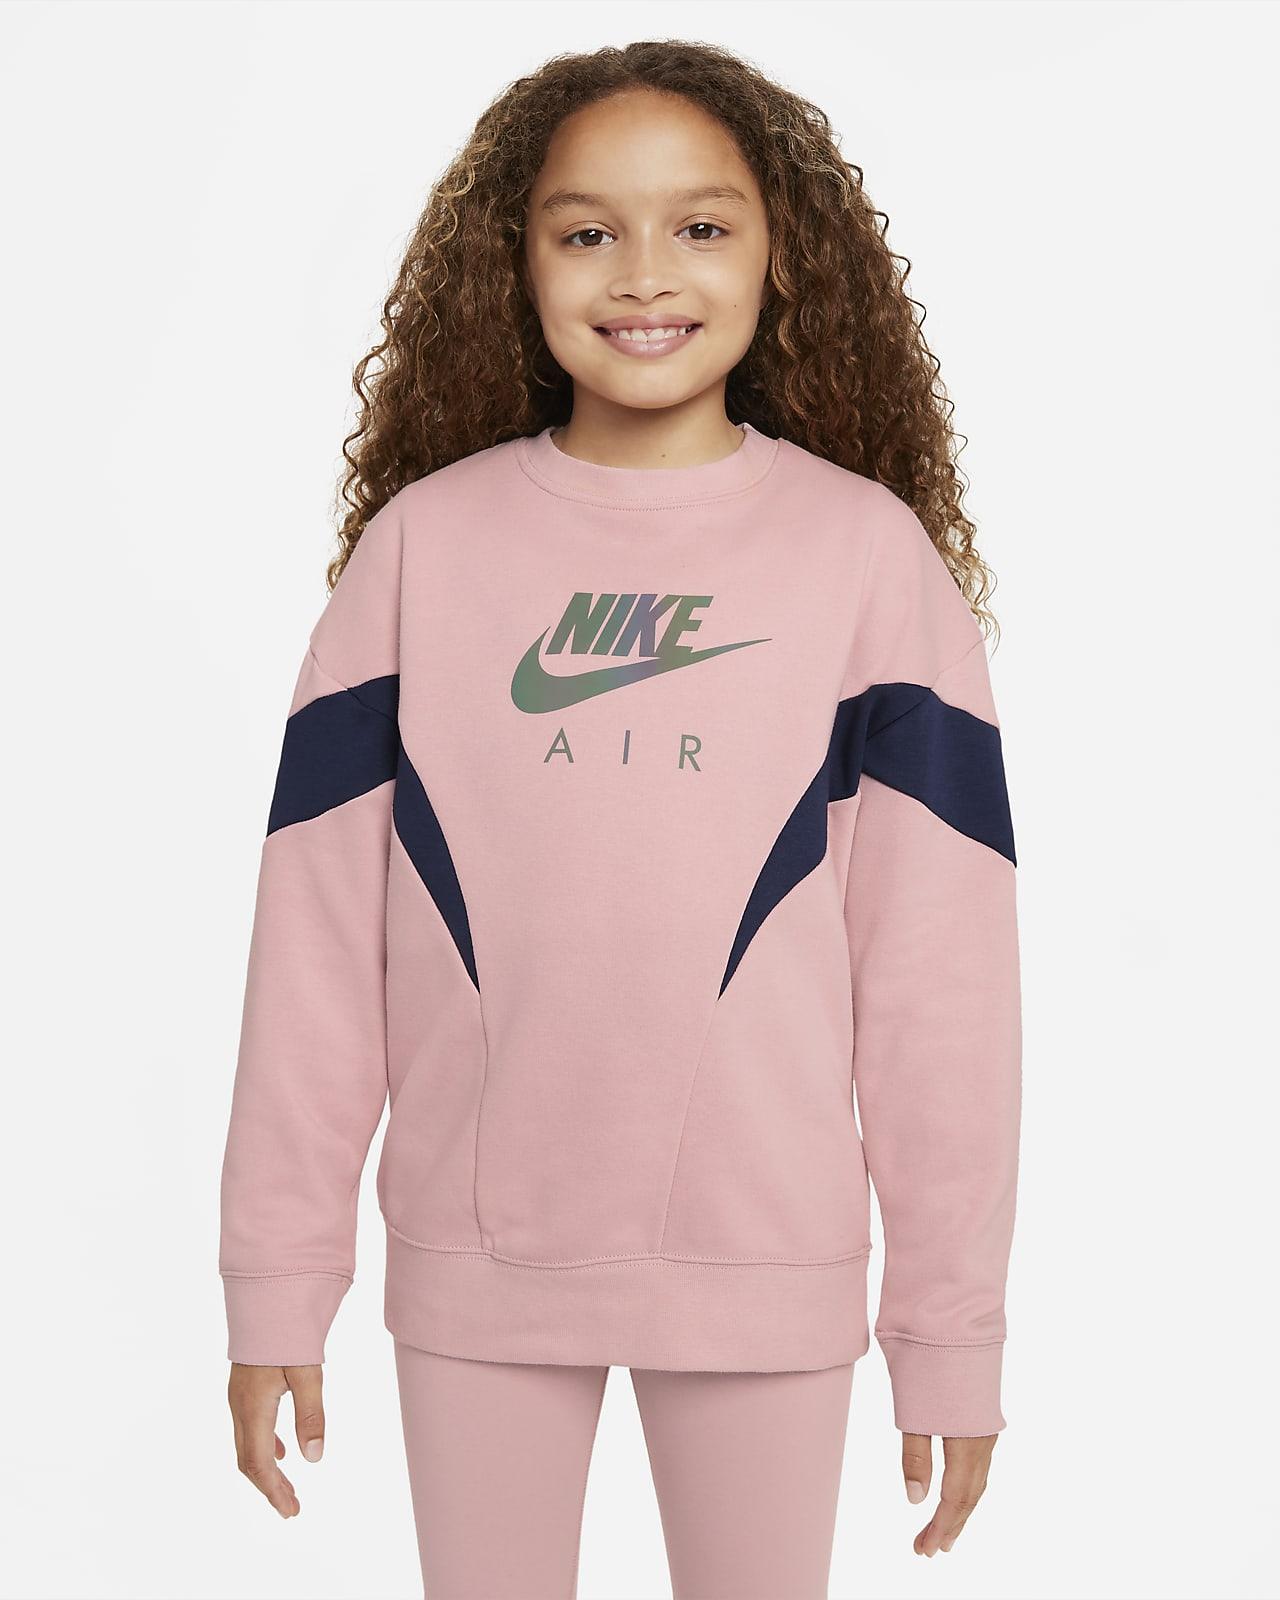 Φούτερ από ύφασμα French Terry Nike Air για μεγάλα κορίτσια